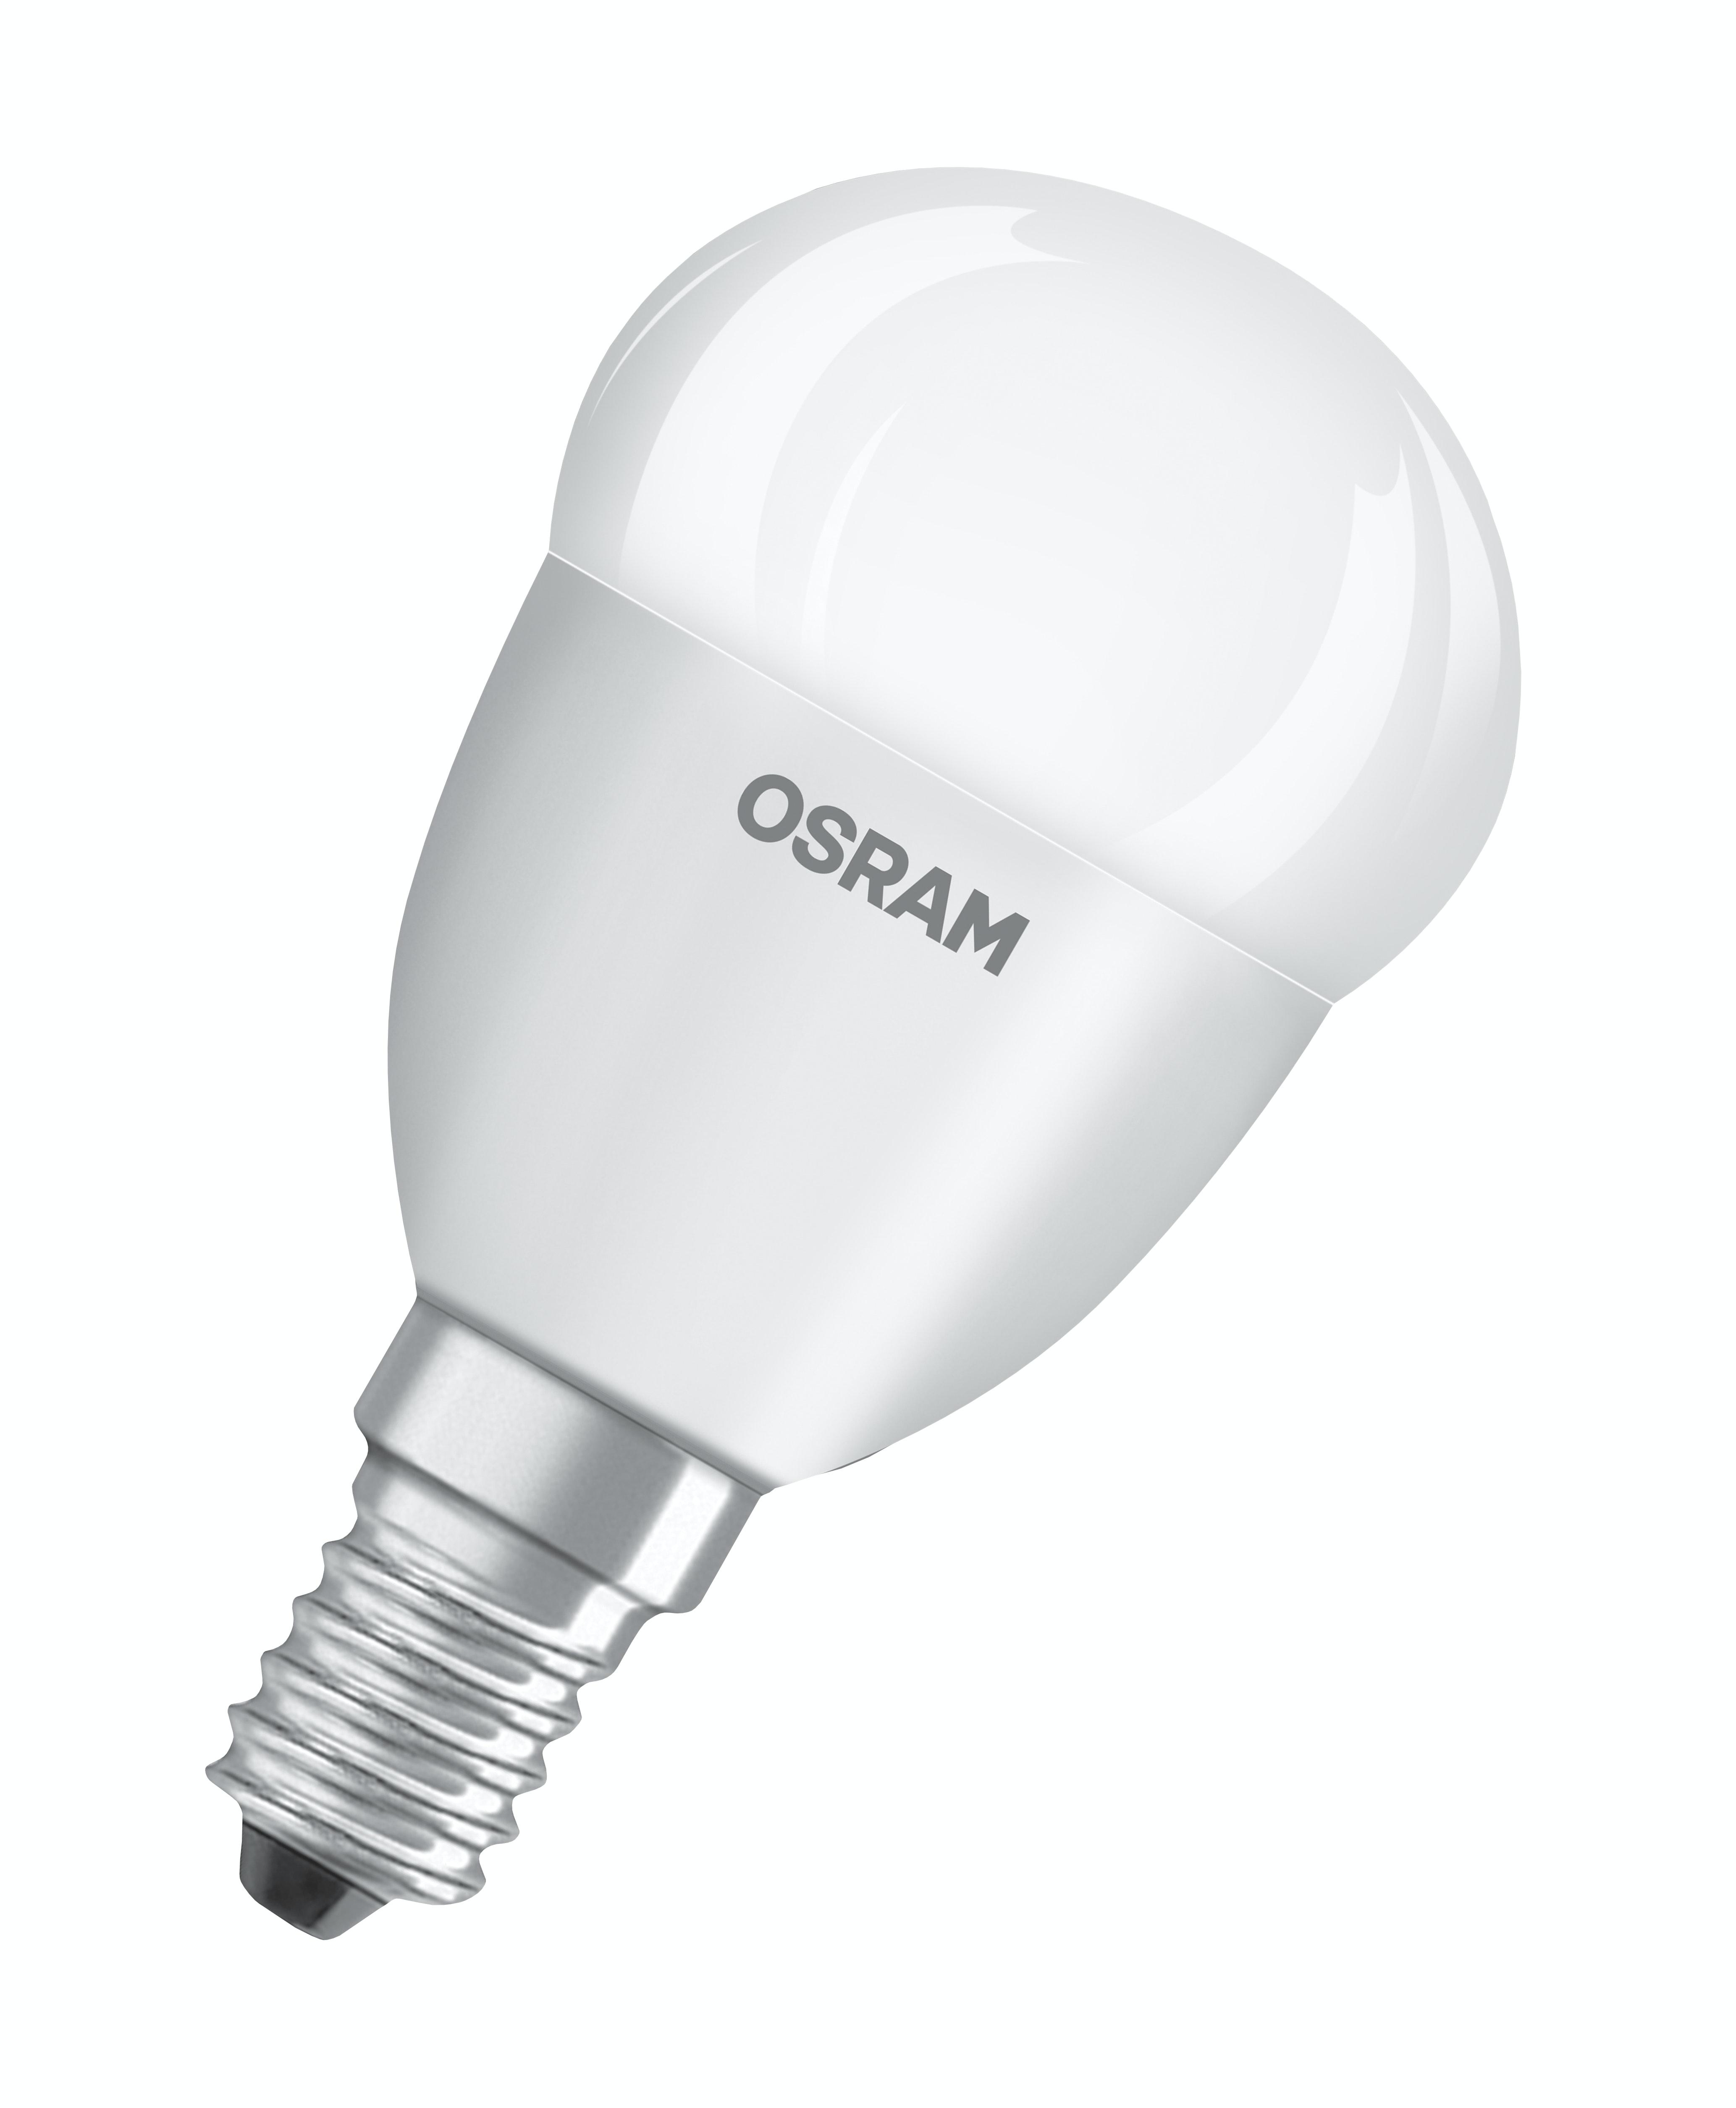 Led-lampa Osram SST Glowdim CLP40 Klot Matt E14 6,5W